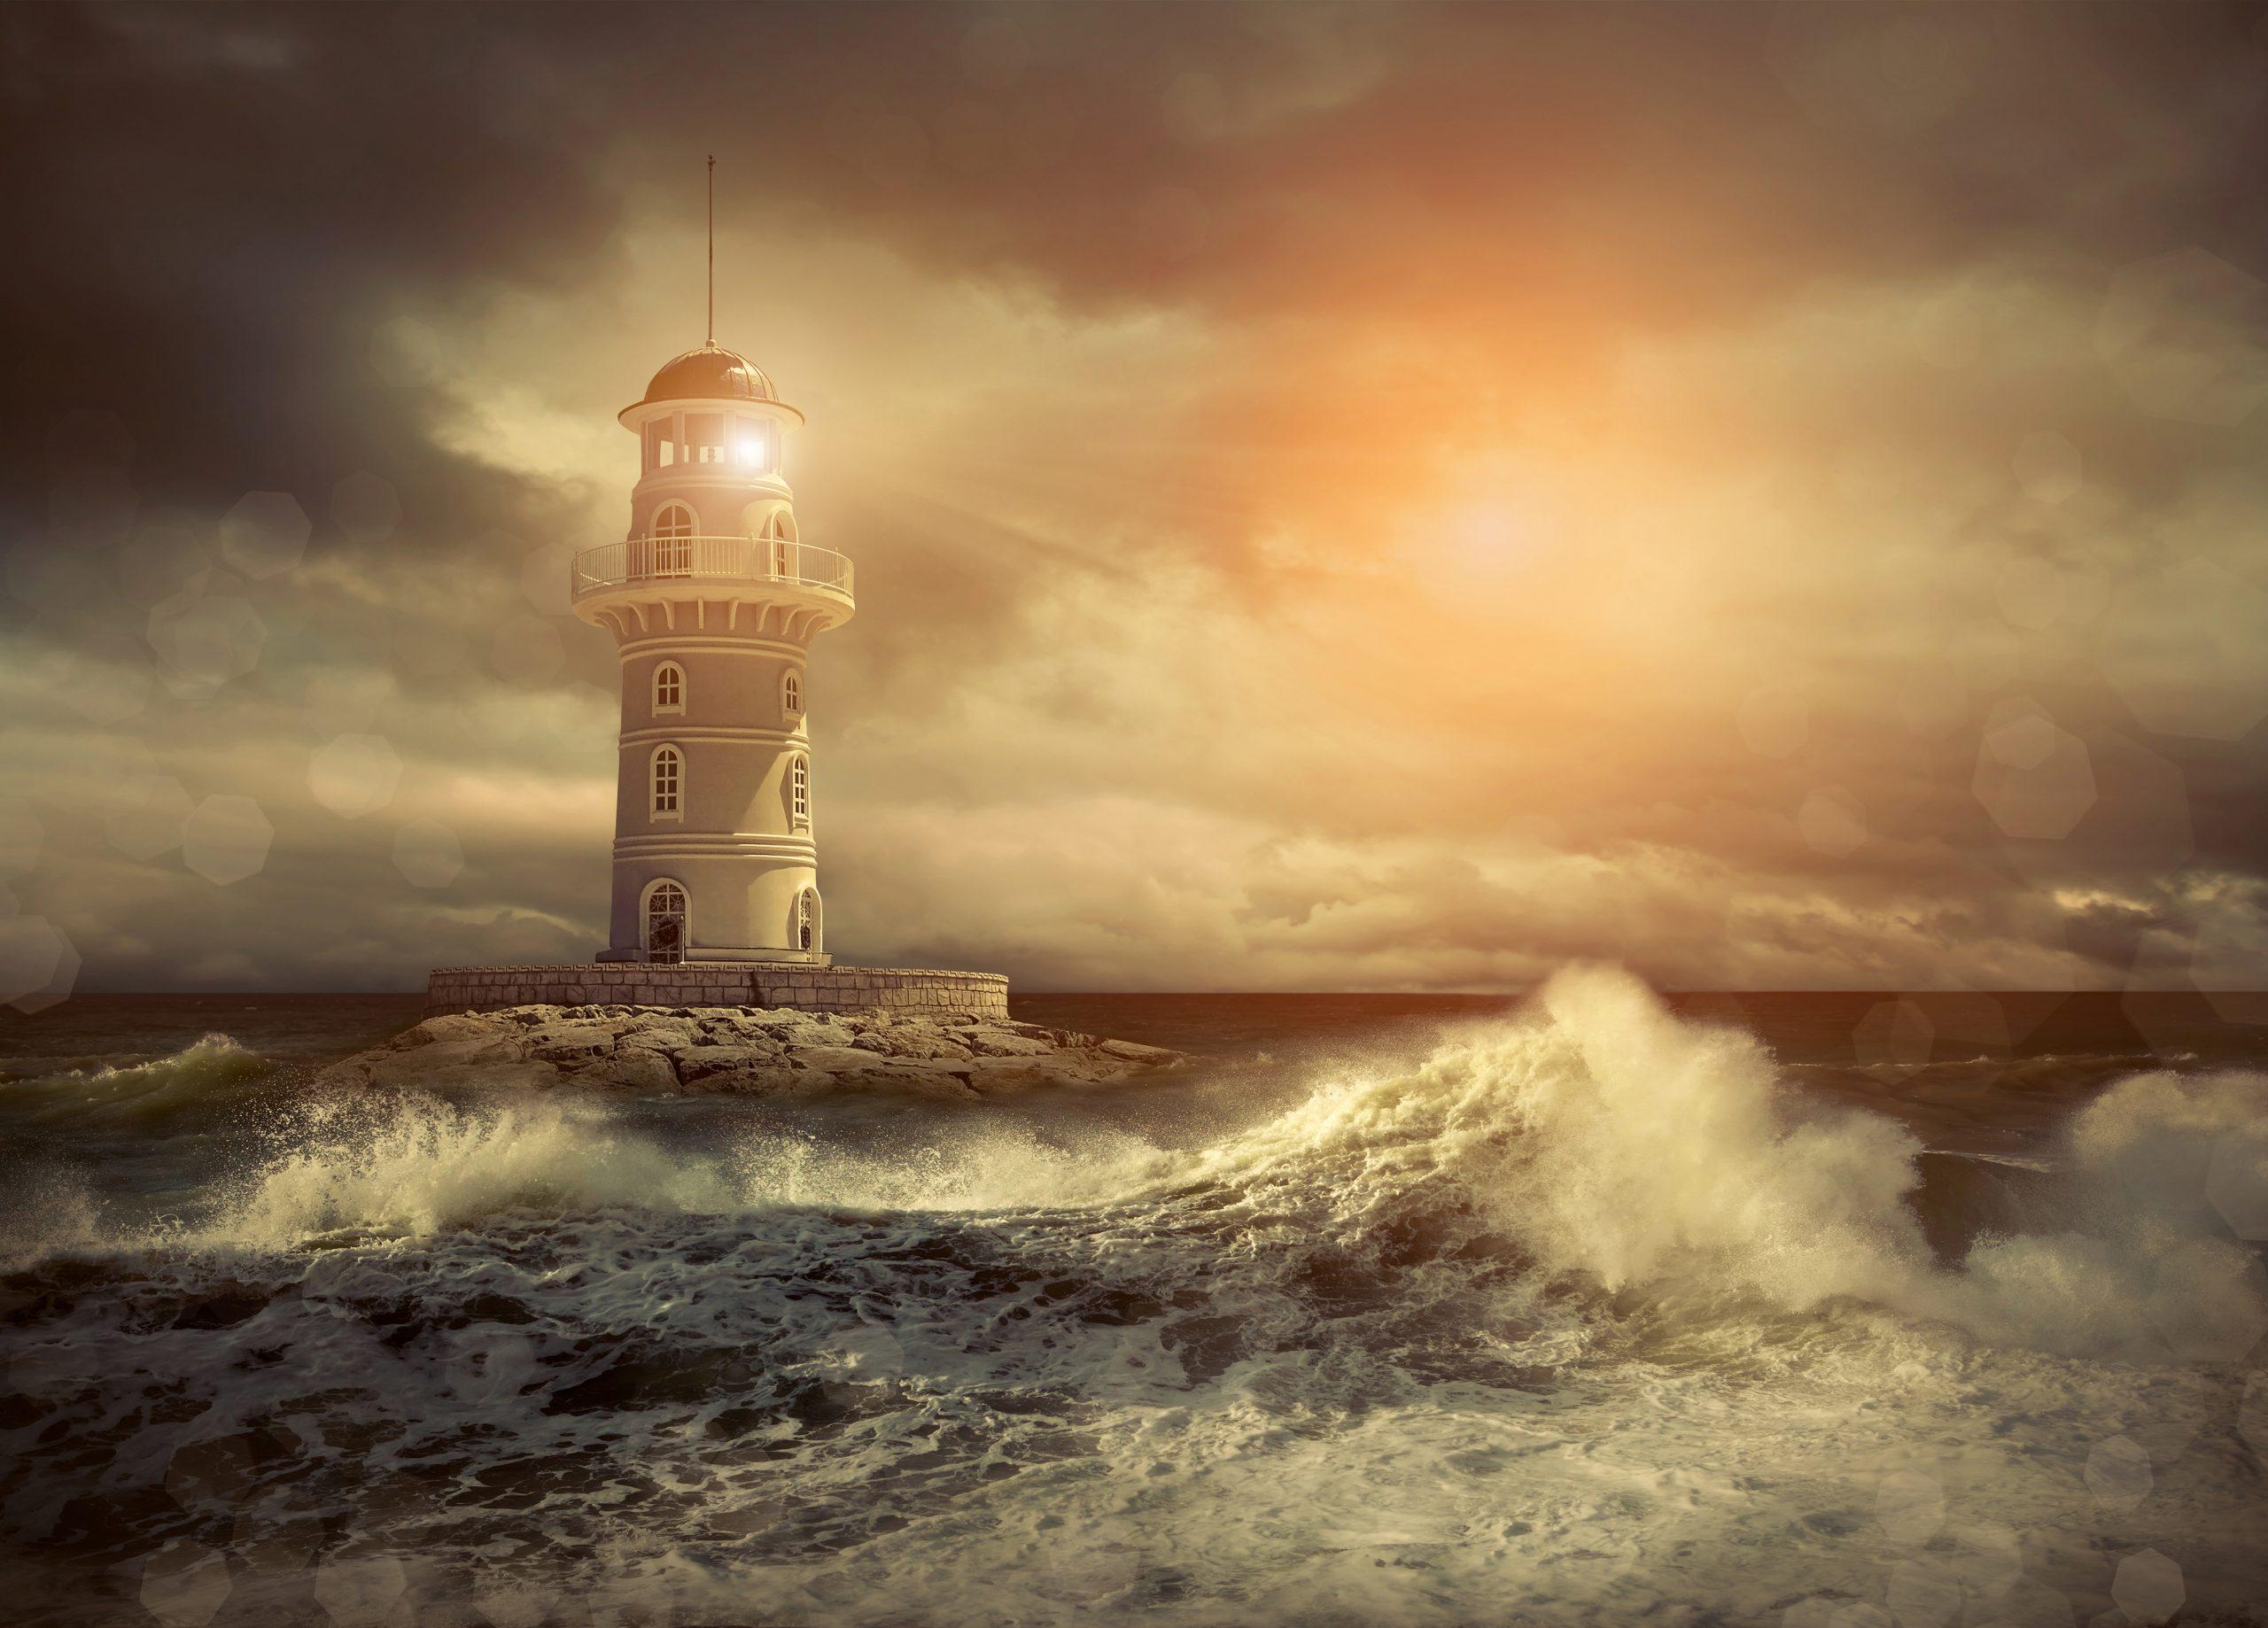 Innere Ruhe in turbulenten Zeiten